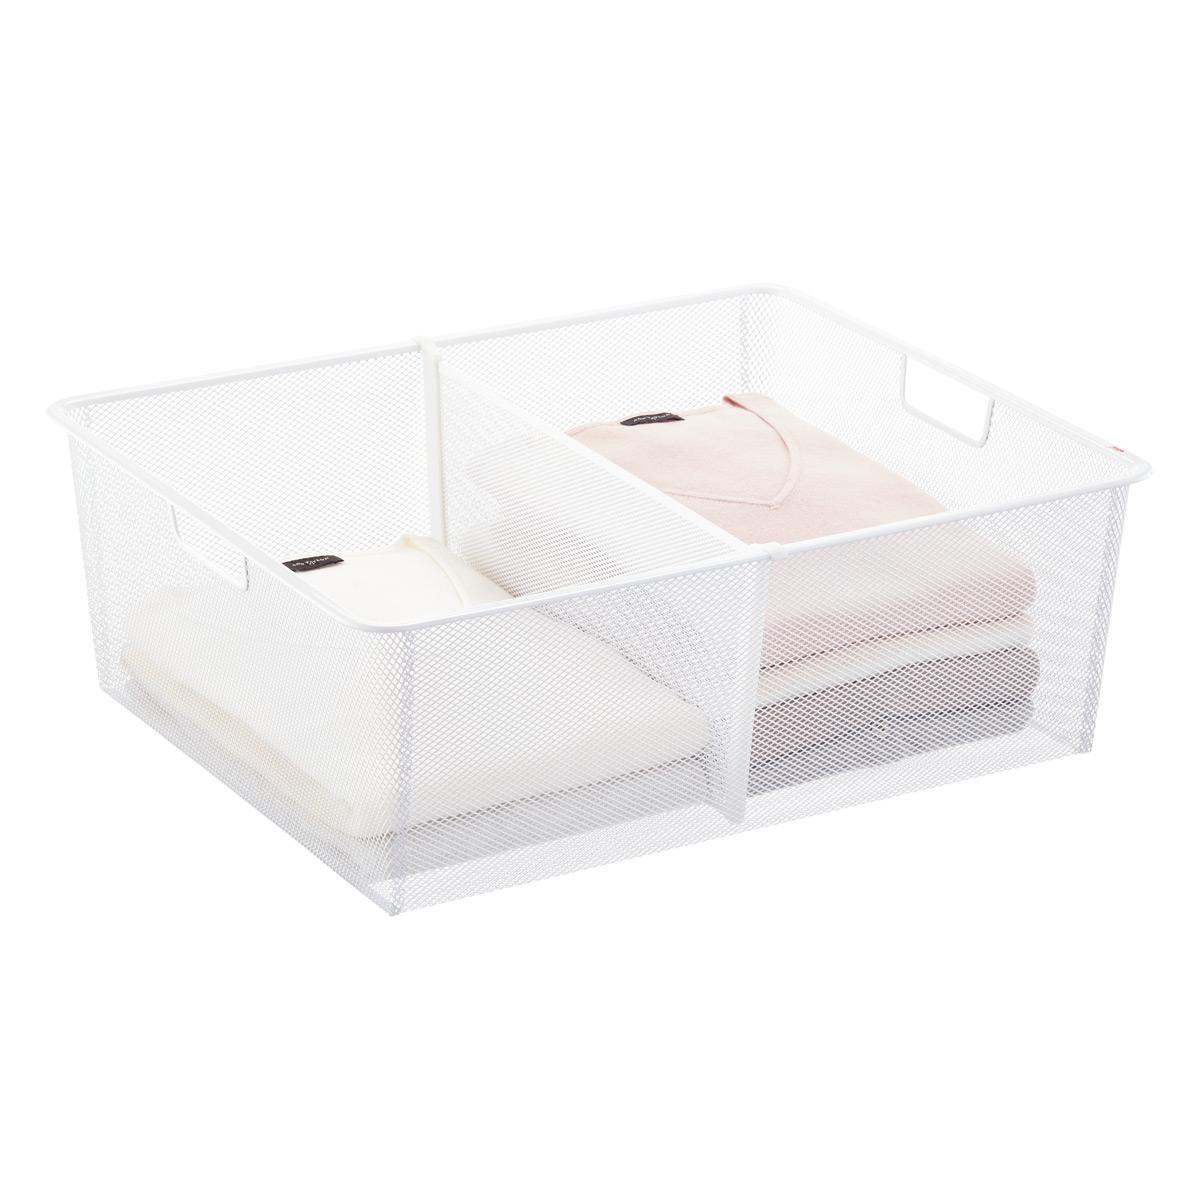 Elfa White Medium Mesh Drawer Dividers